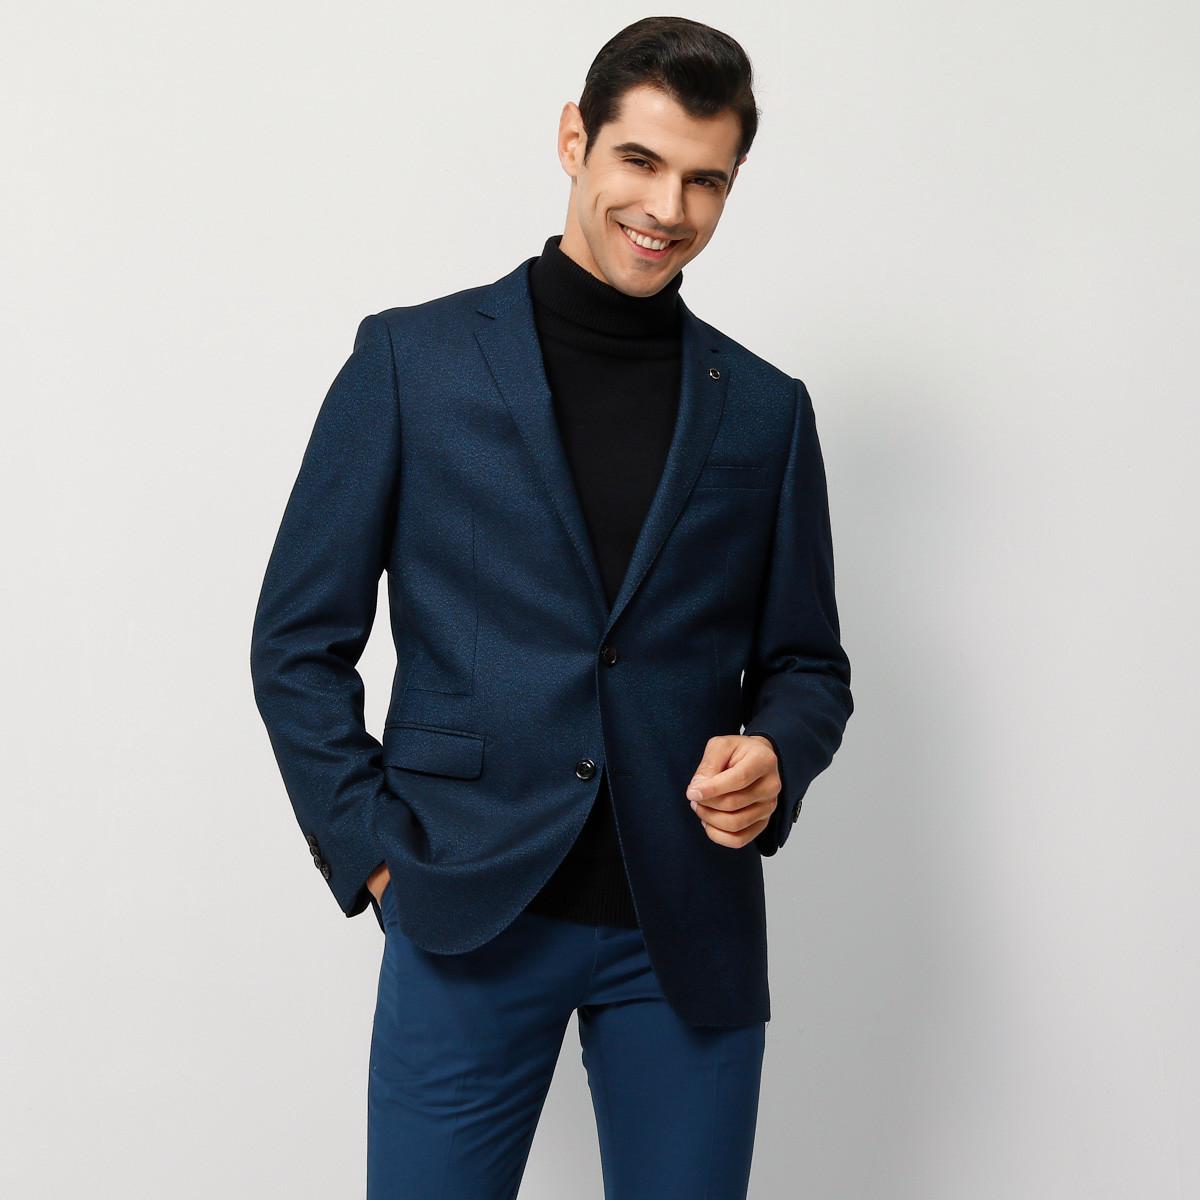 鄂尔多斯 MEN'S 秋冬羊毛混纺时尚商务长袖男士西服